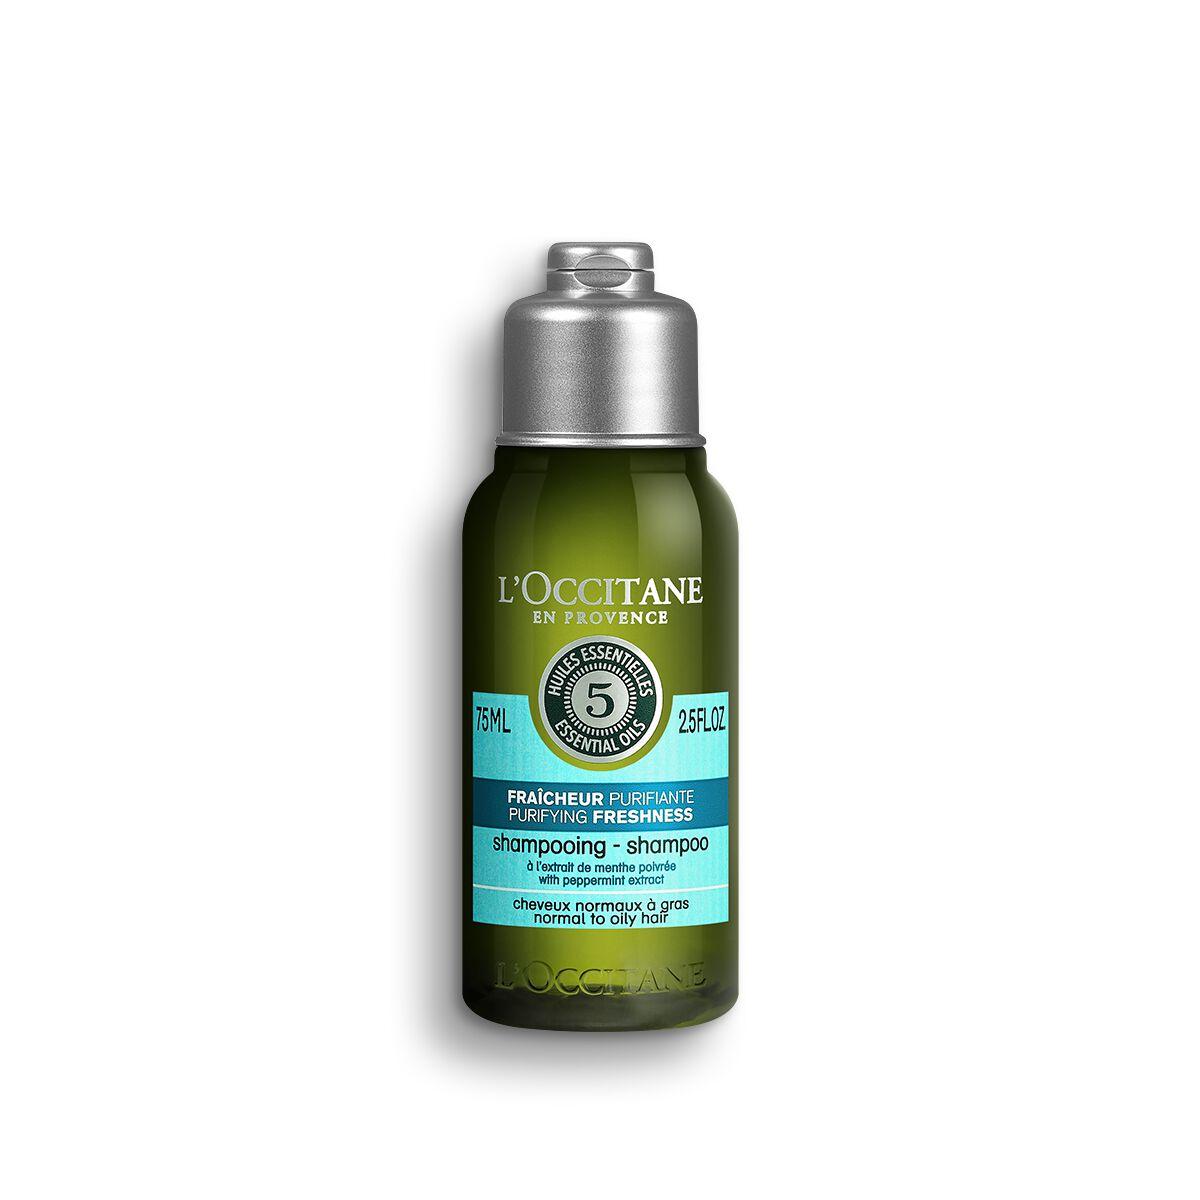 Aromachologie Purifying Freshness Shampoo 2.5